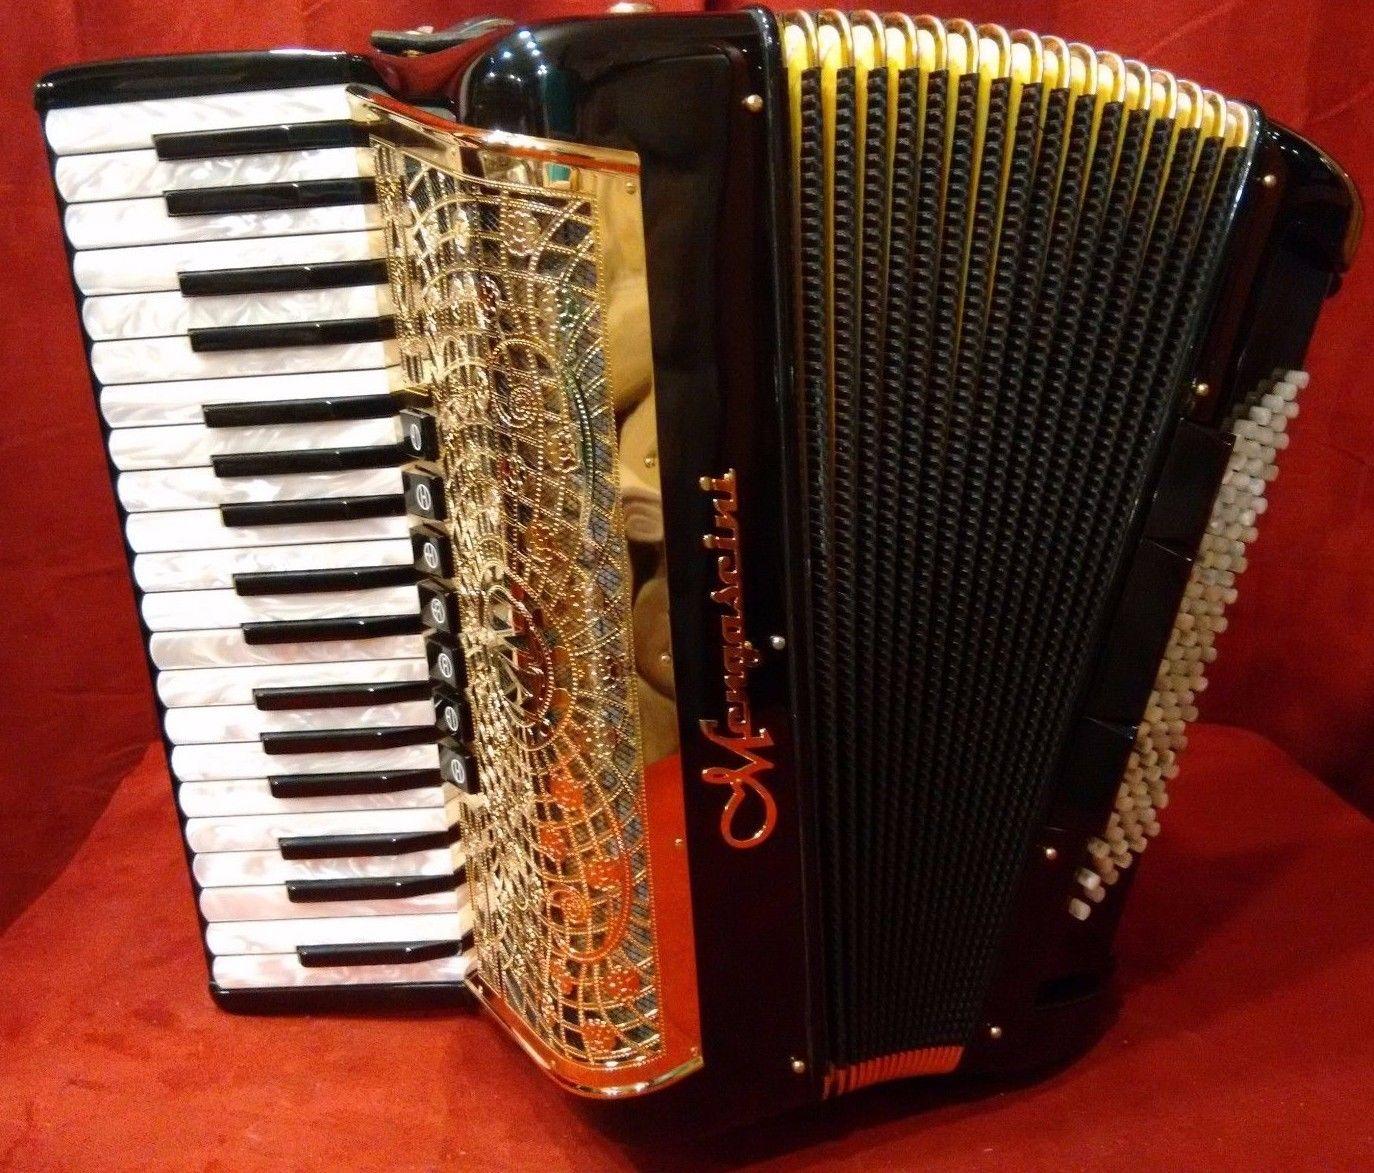 NEW Black Gold Mengascini Preferita 373 Piano Accordion LMM 37 96